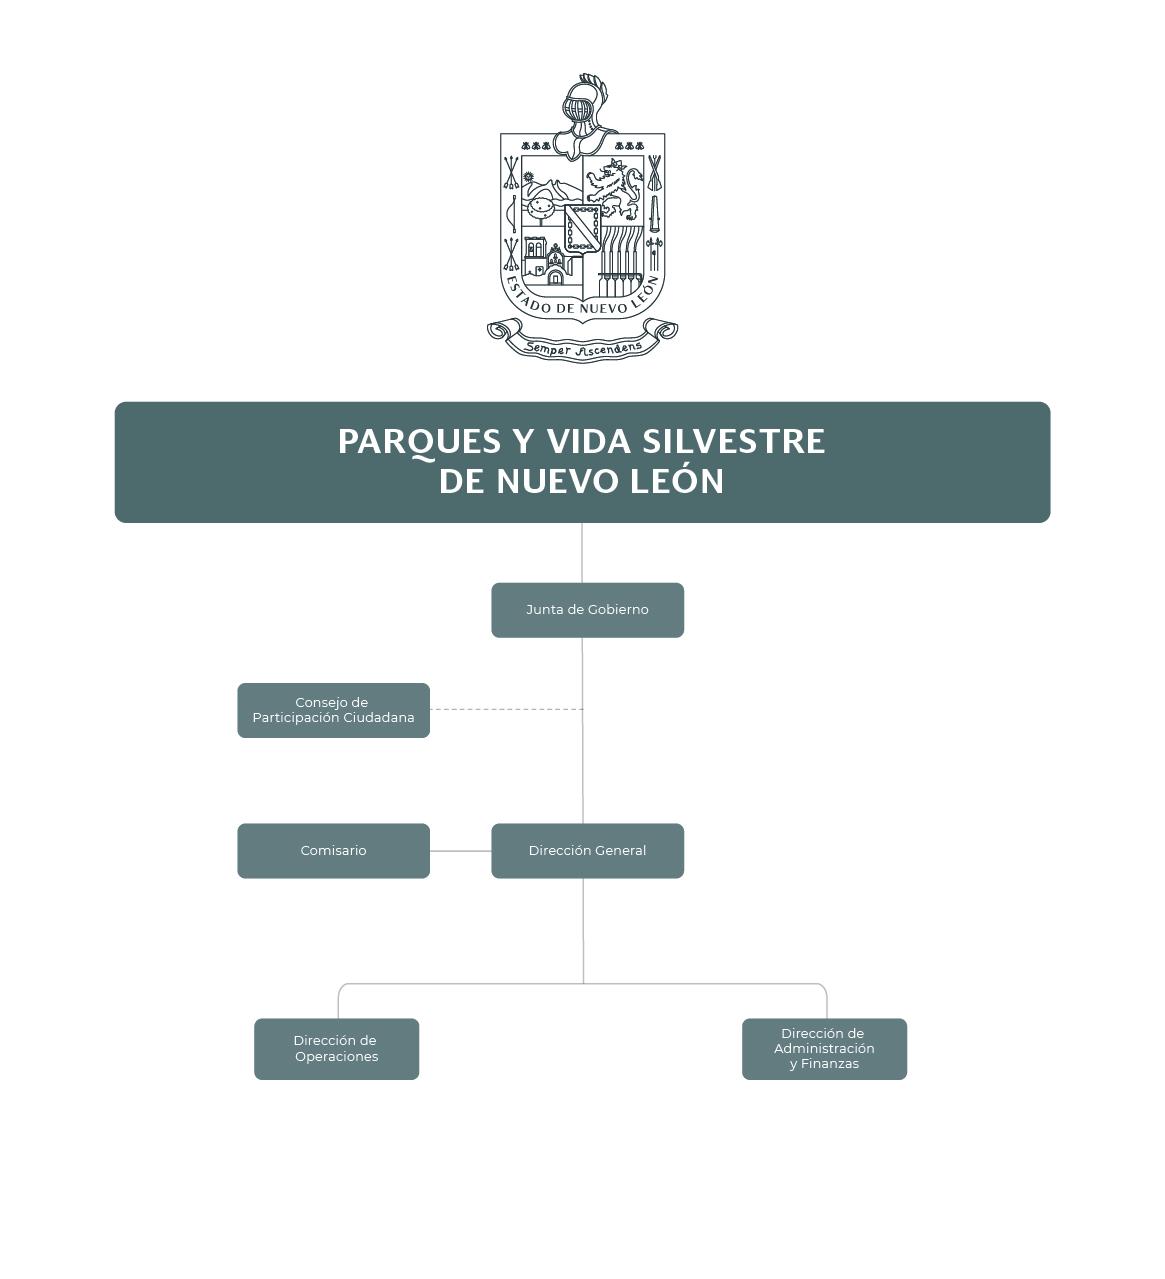 Organigrama Parques y Vida Silvestre de Nuevo León